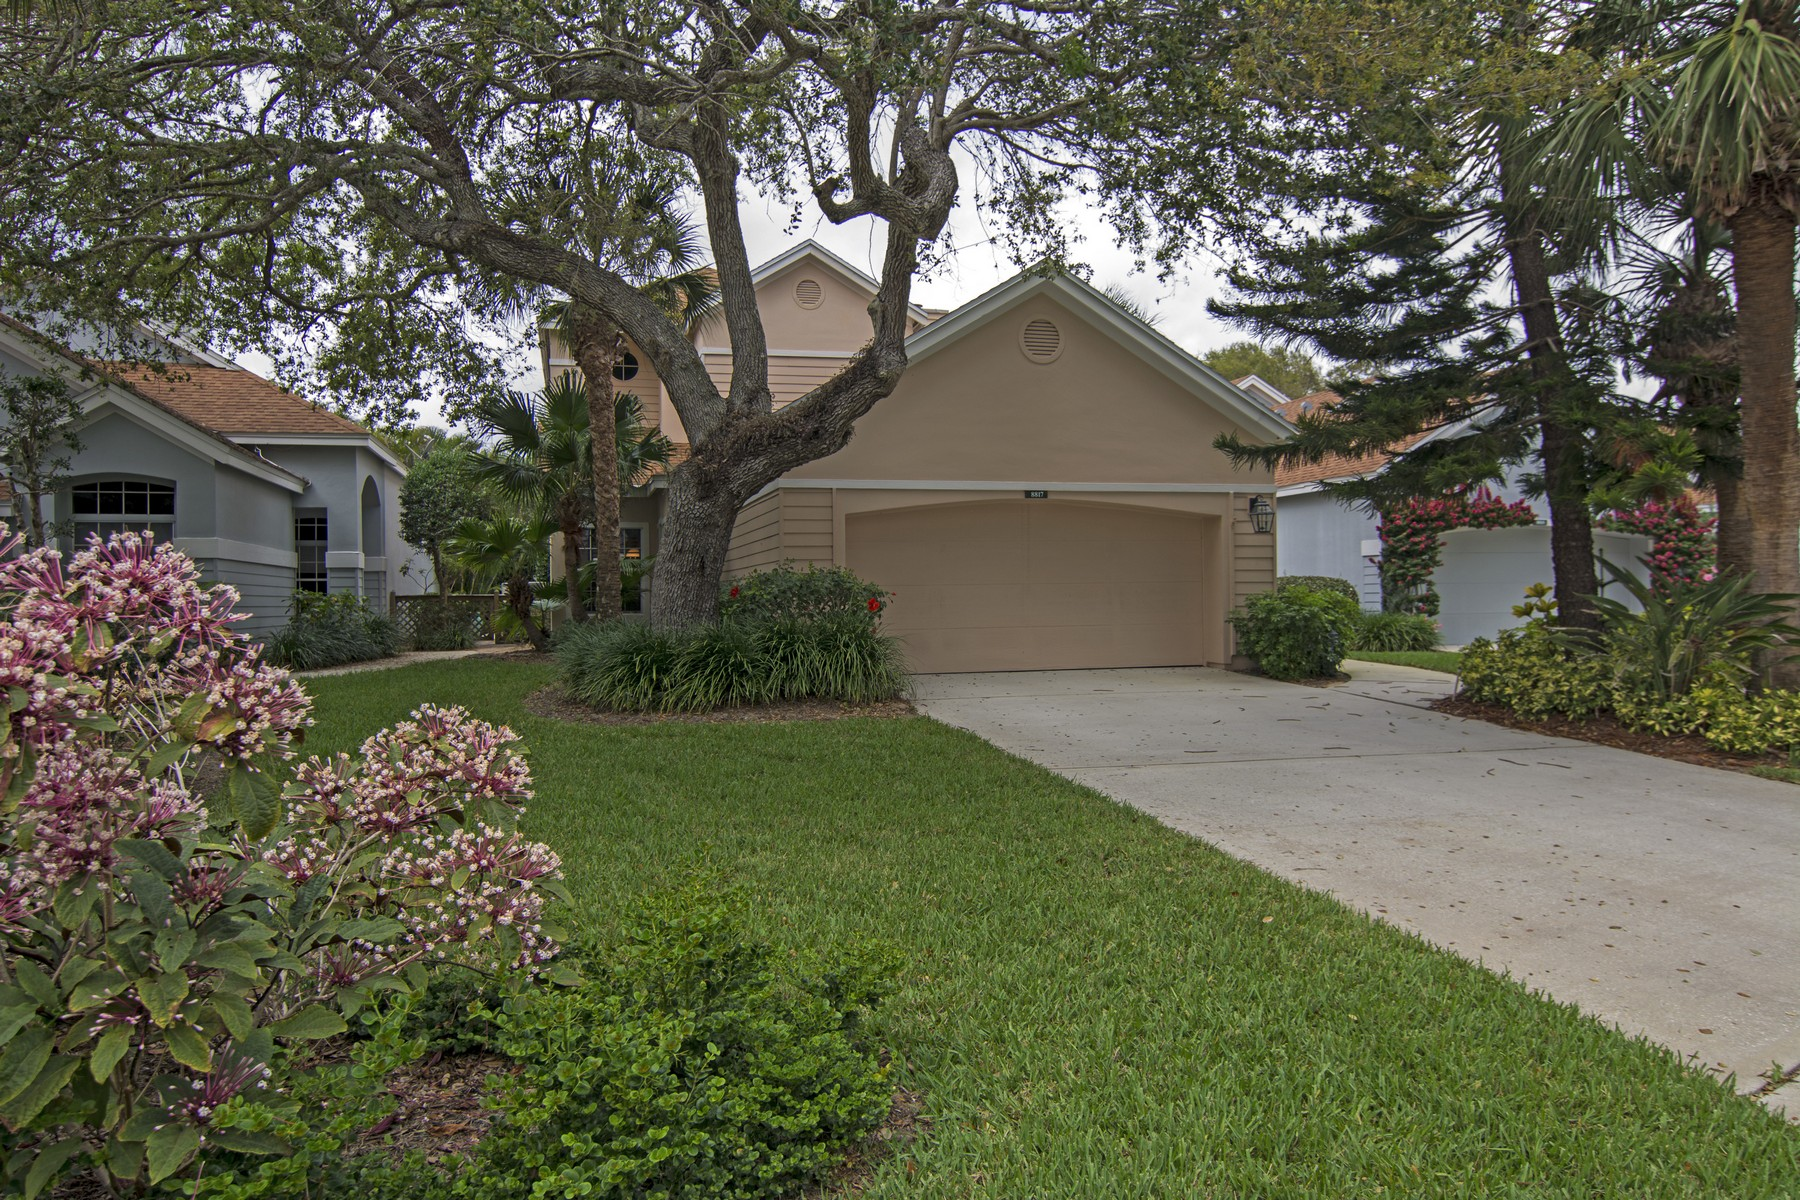 独户住宅 为 销售 在 Sea Oaks River Home 8817 Lakeside Circle, 维罗海滩, 佛罗里达州, 32963 美国